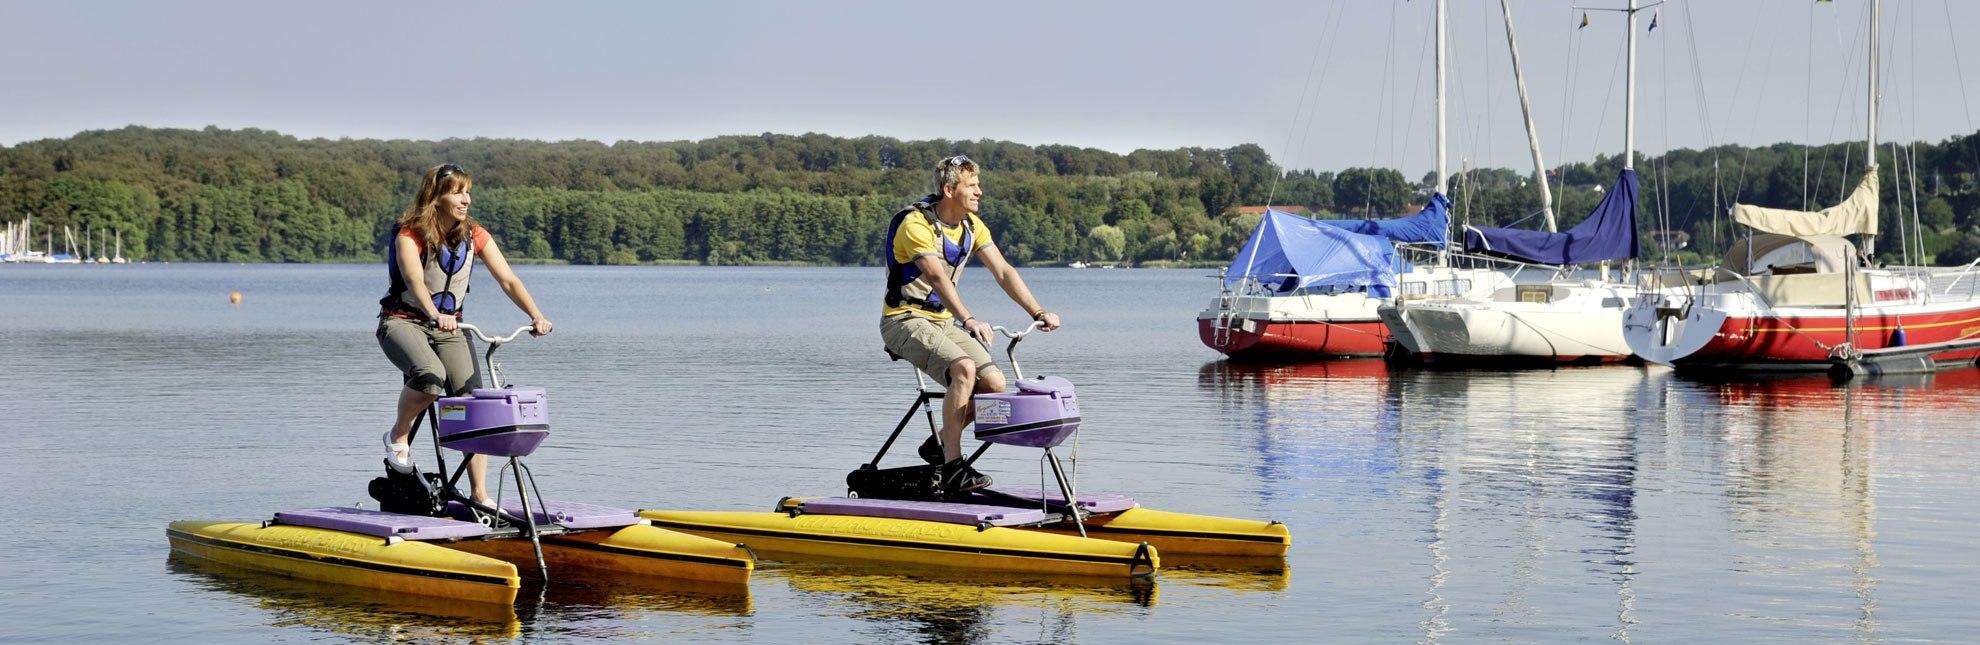 Fahrrad fahren auf dem Wasser? Auf dem Ratzeburger See ist es möglich!, © photocompany GmbH / HLMS GmbH